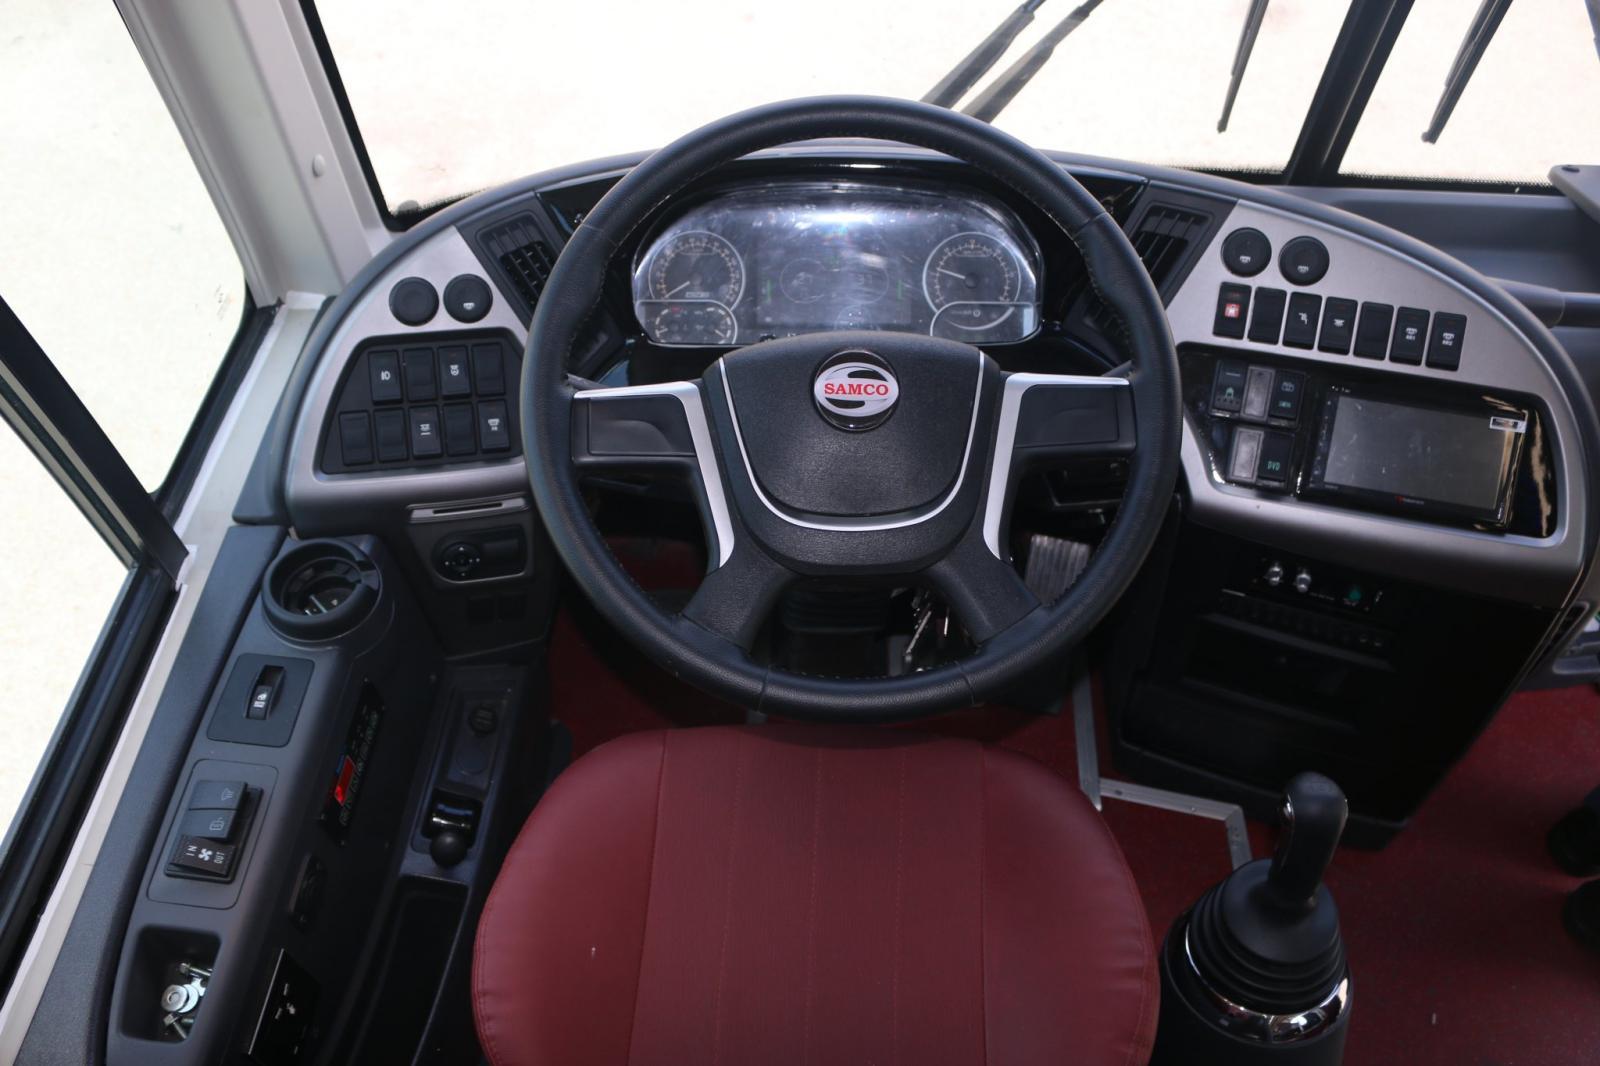 Bán xe khách Samco 47 chỗ hỗ trợ giá ưu đãi khi khách hàng xem xe